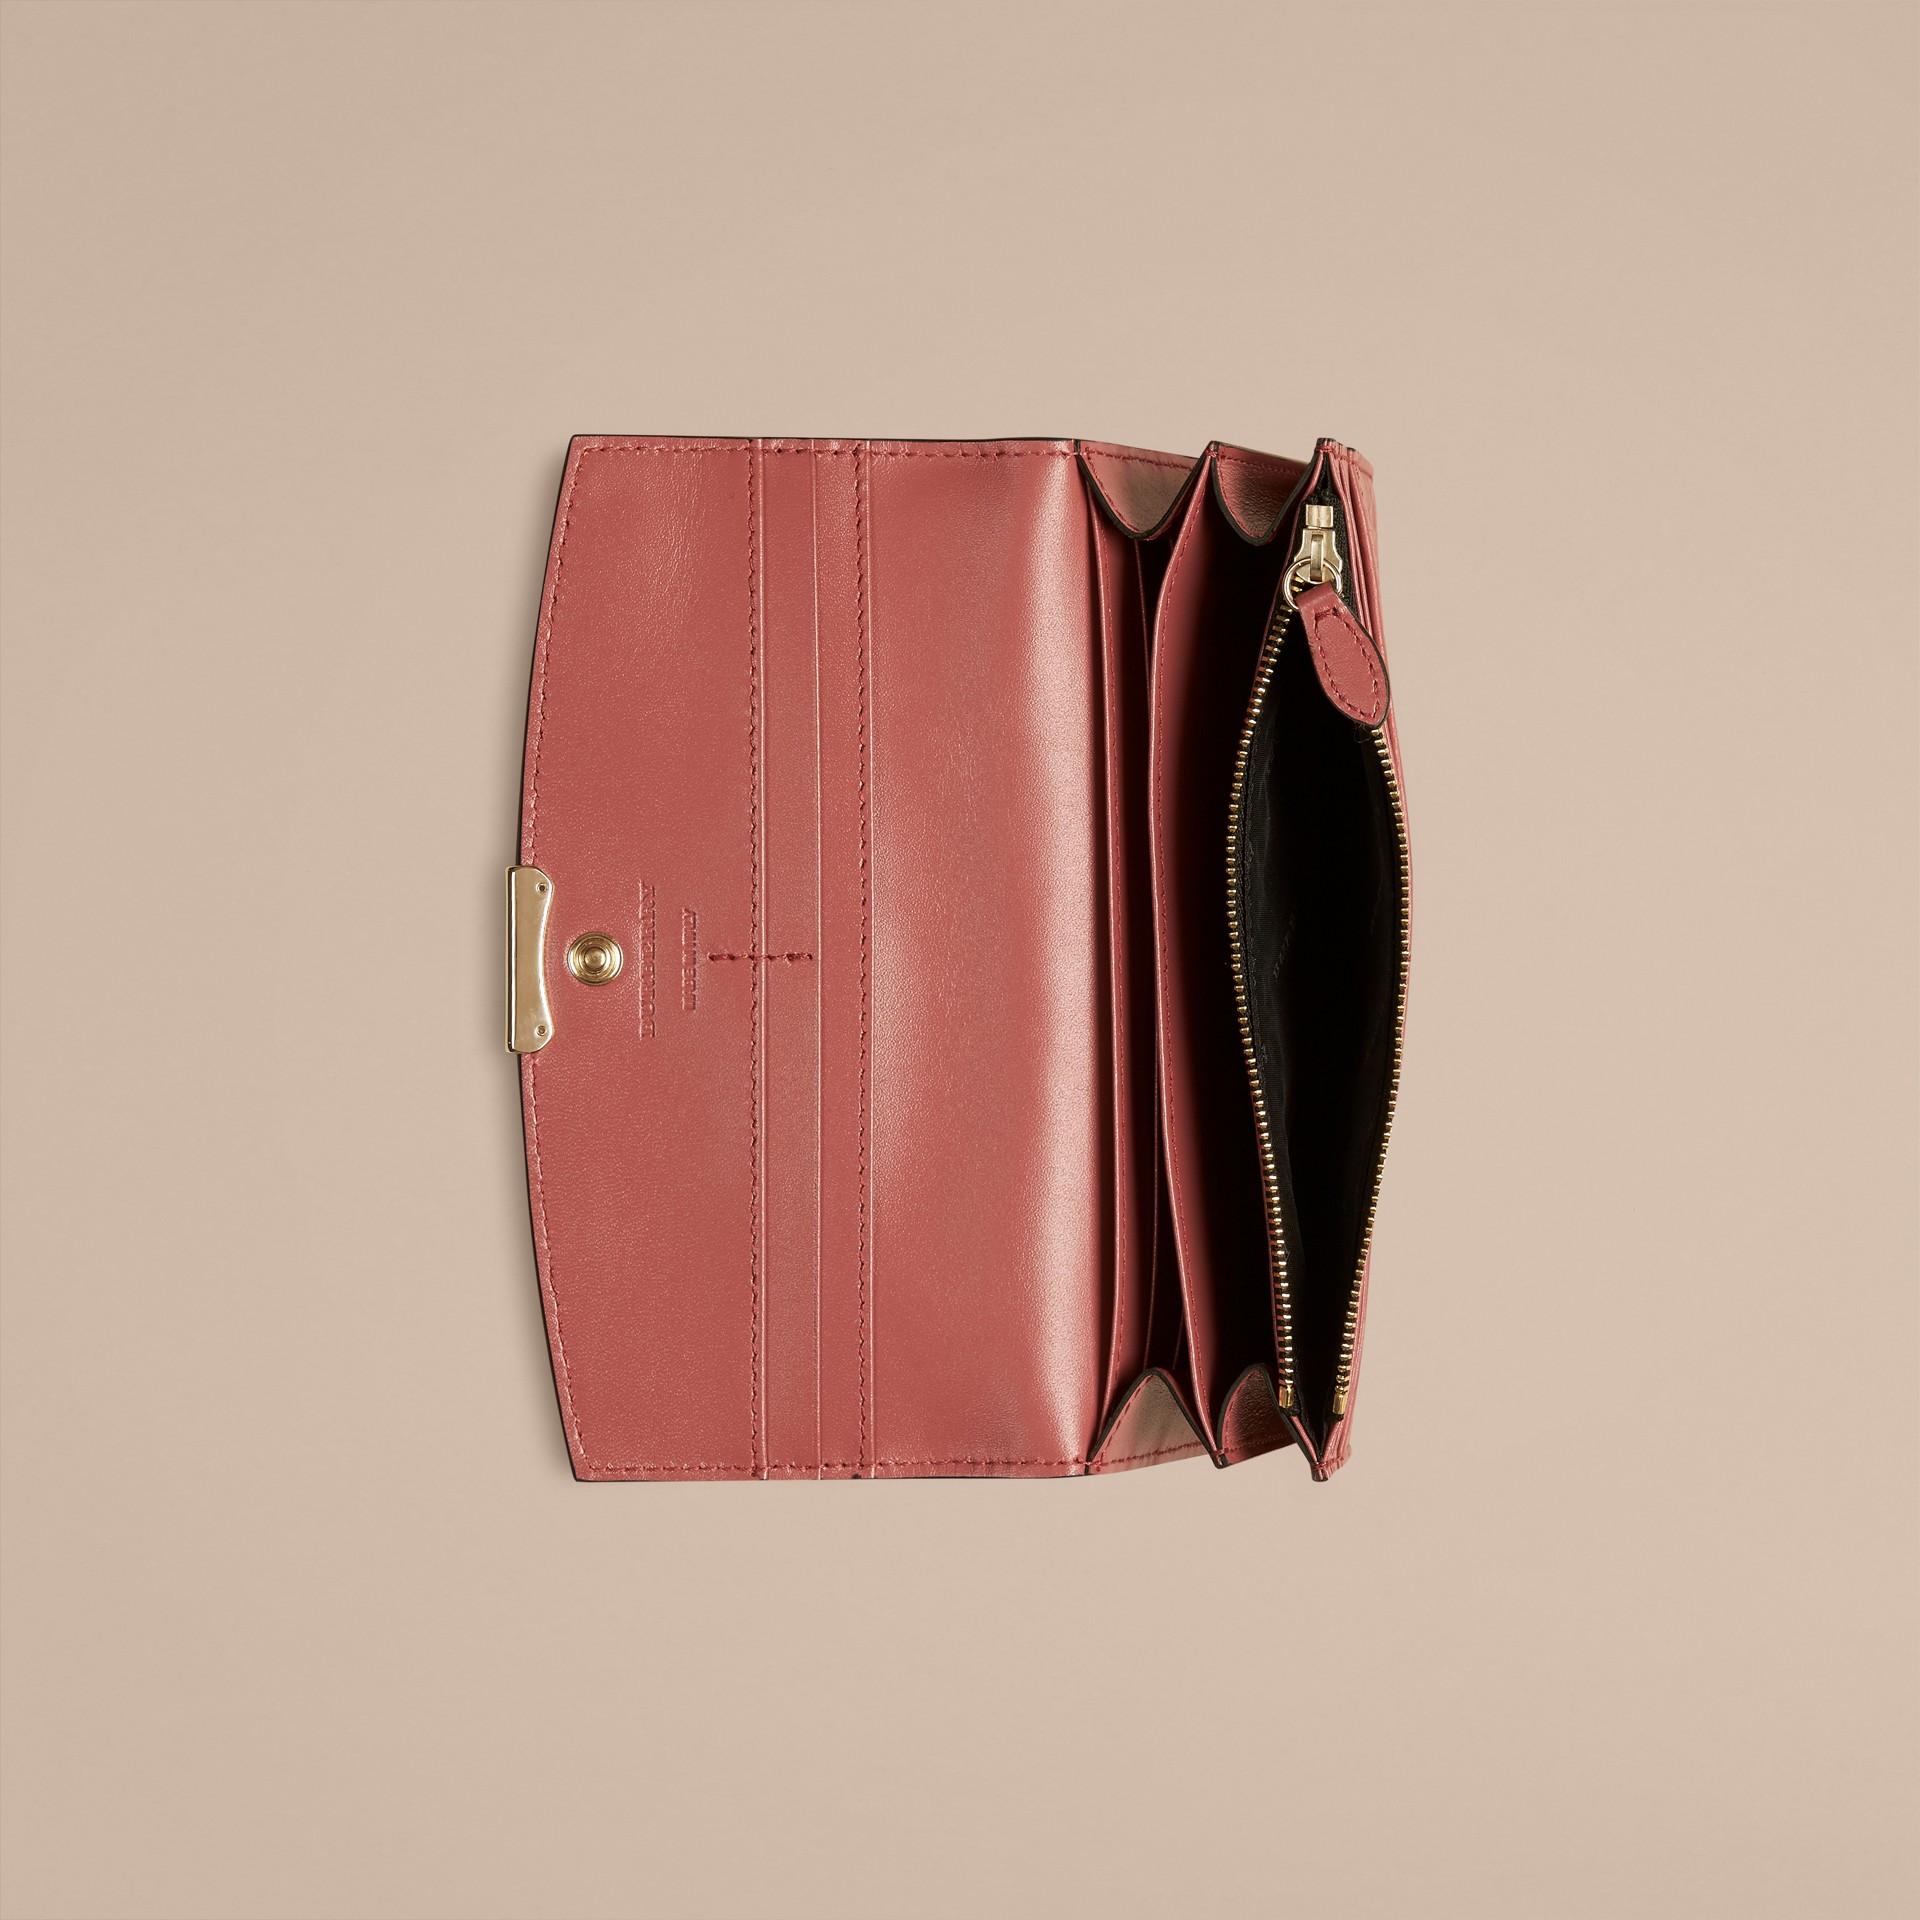 Rosa antigo Carteira continental de couro de grão Burberry Rosa Antigo - galeria de imagens 4